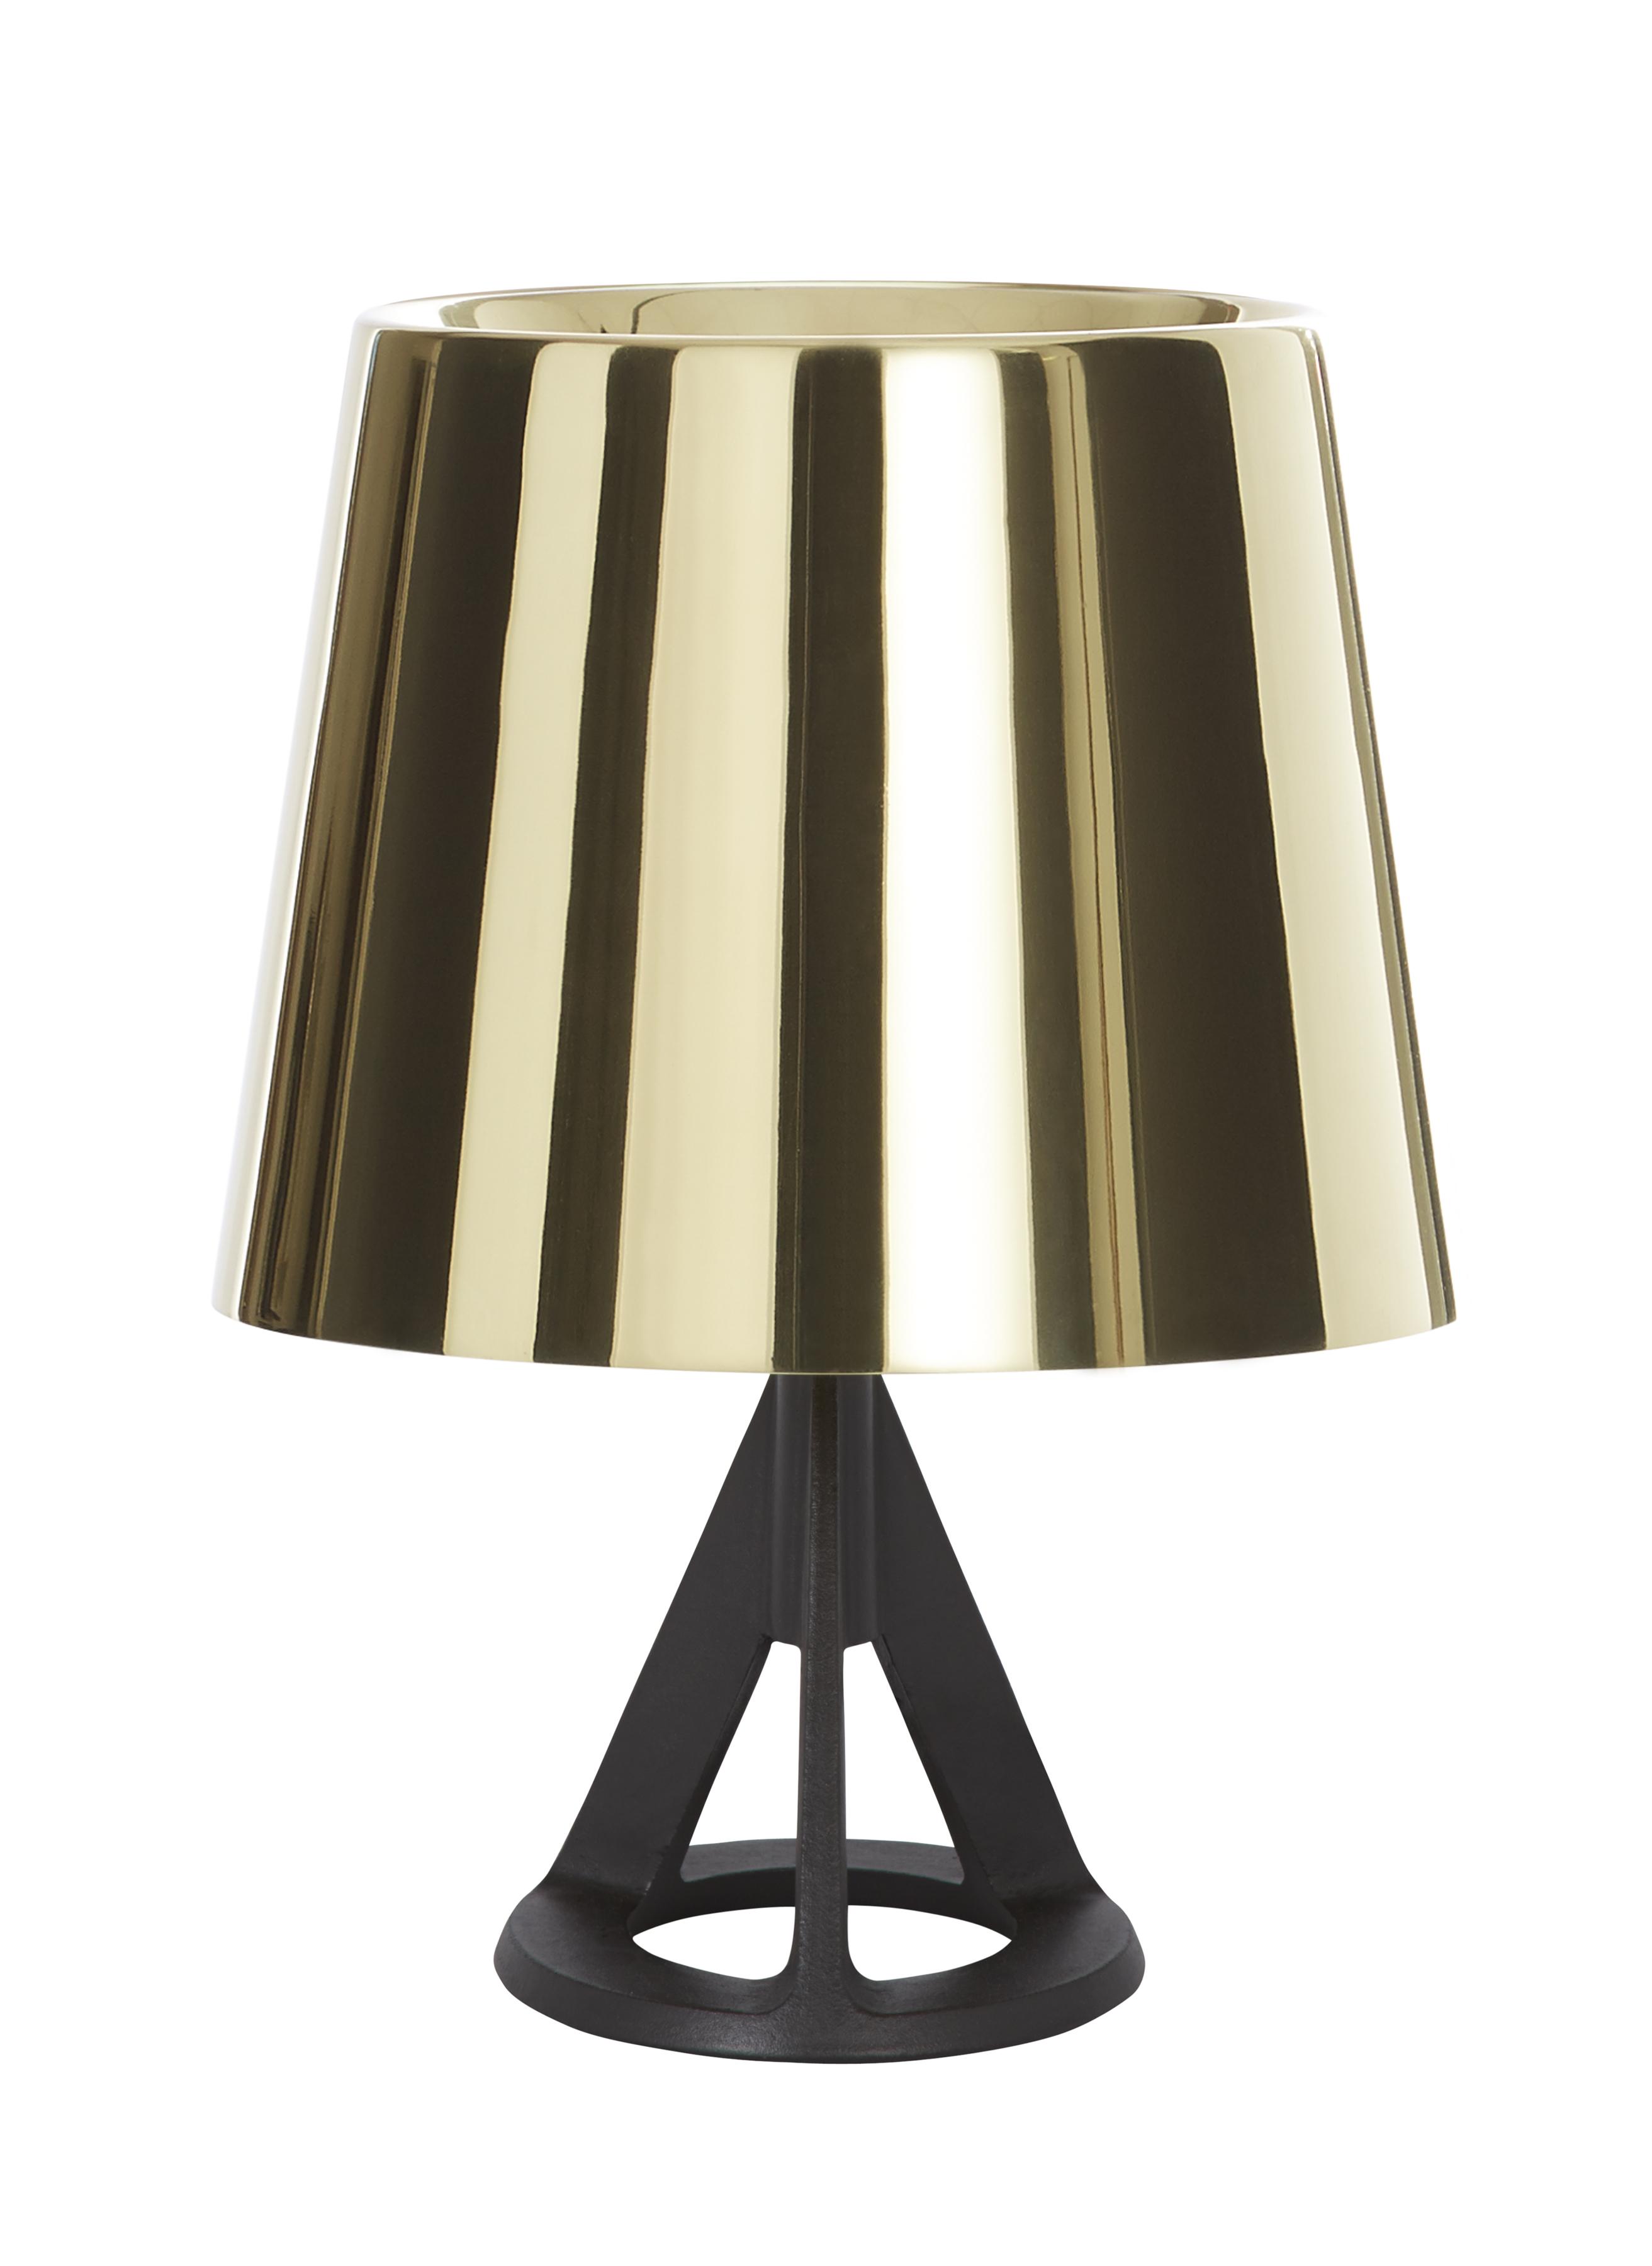 tom dixon base table lamp. Black Bedroom Furniture Sets. Home Design Ideas